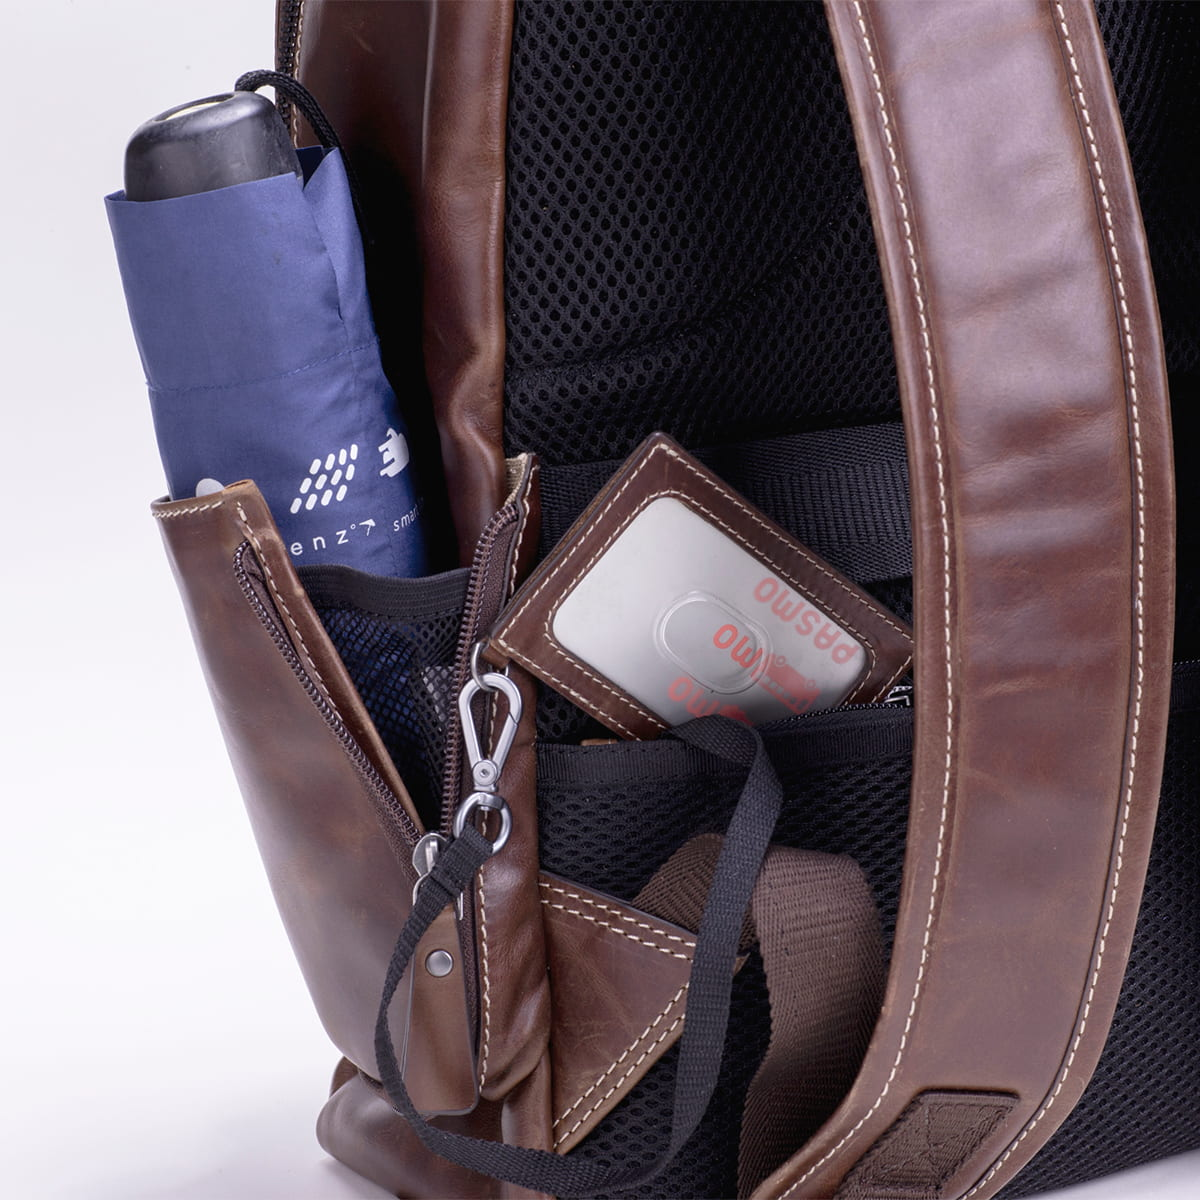 レザーリュック メンズビジネス DESMOND-II デスモンド2 ブラウン 茶